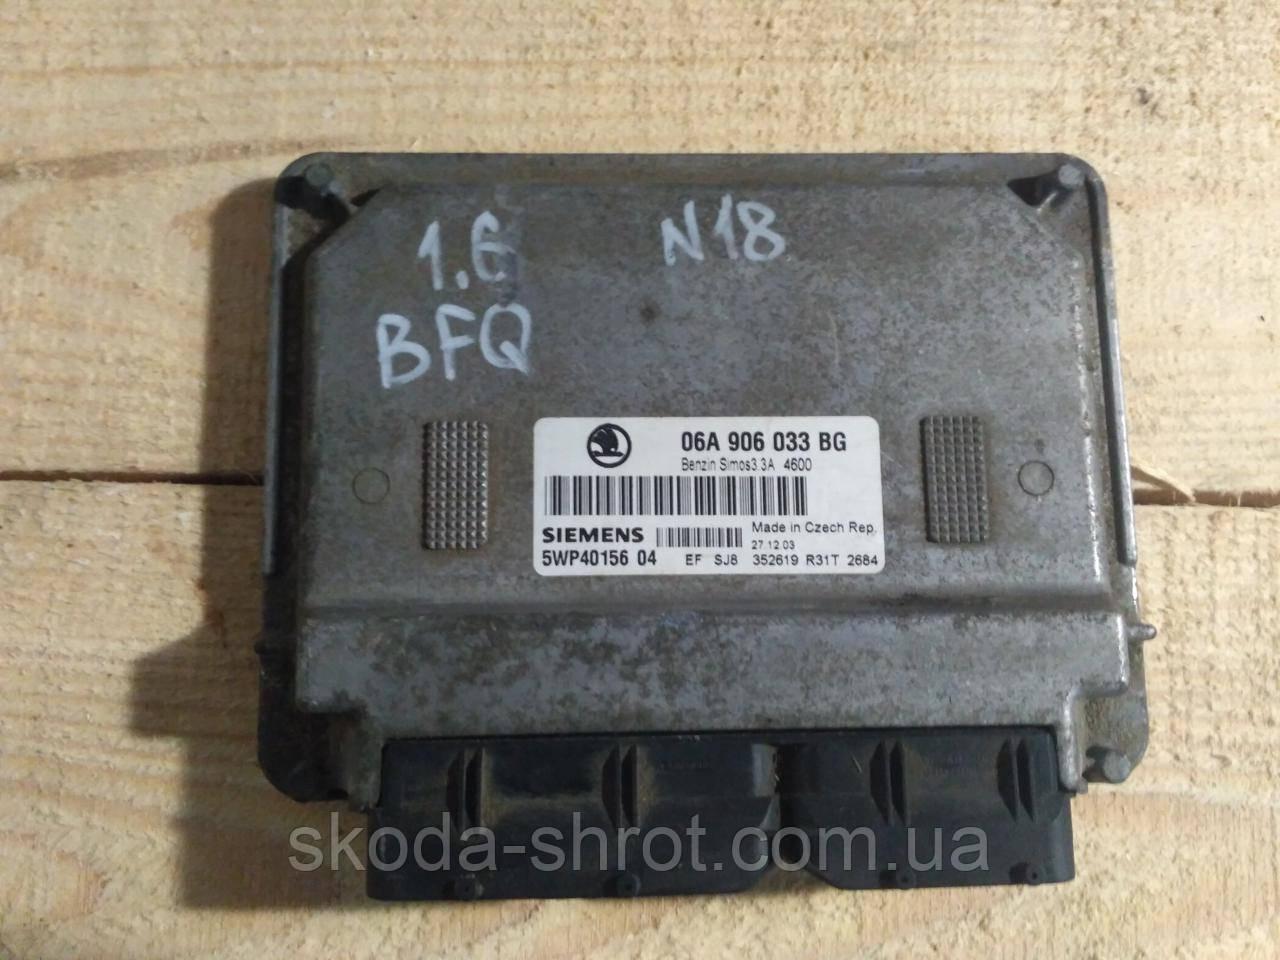 Блок управления двигателем 06А 906 033BG Шкода Октавия Тур 1.6, Skoda Octavia Tour BFQ